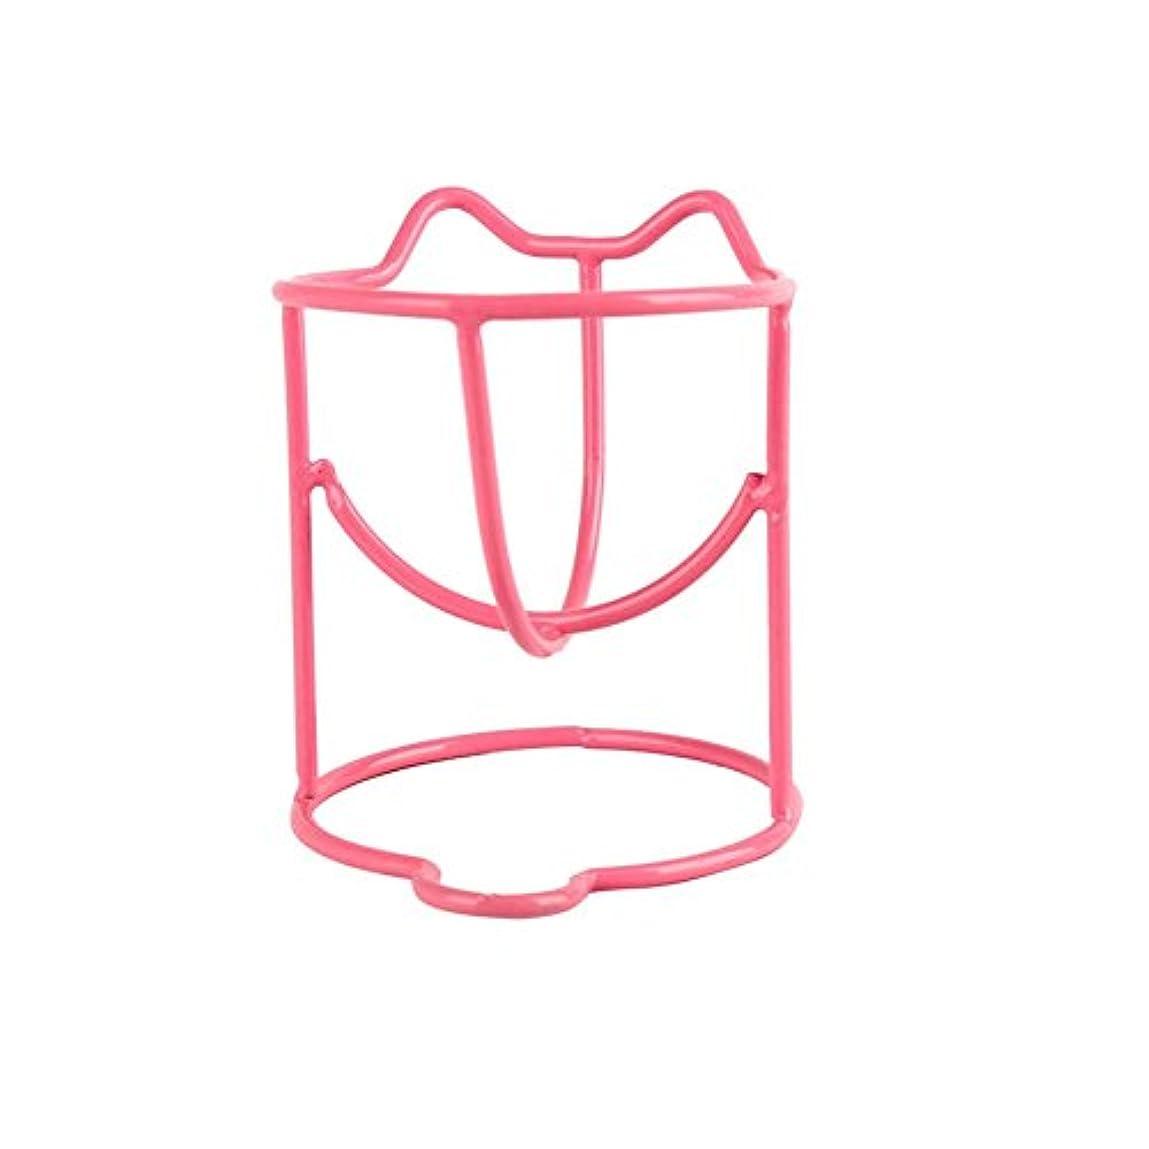 偏見スポーツの試合を担当している人救出ファッションメイク卵パウダーパフスポンジディスプレイスタンド乾燥ホルダーラックのセット